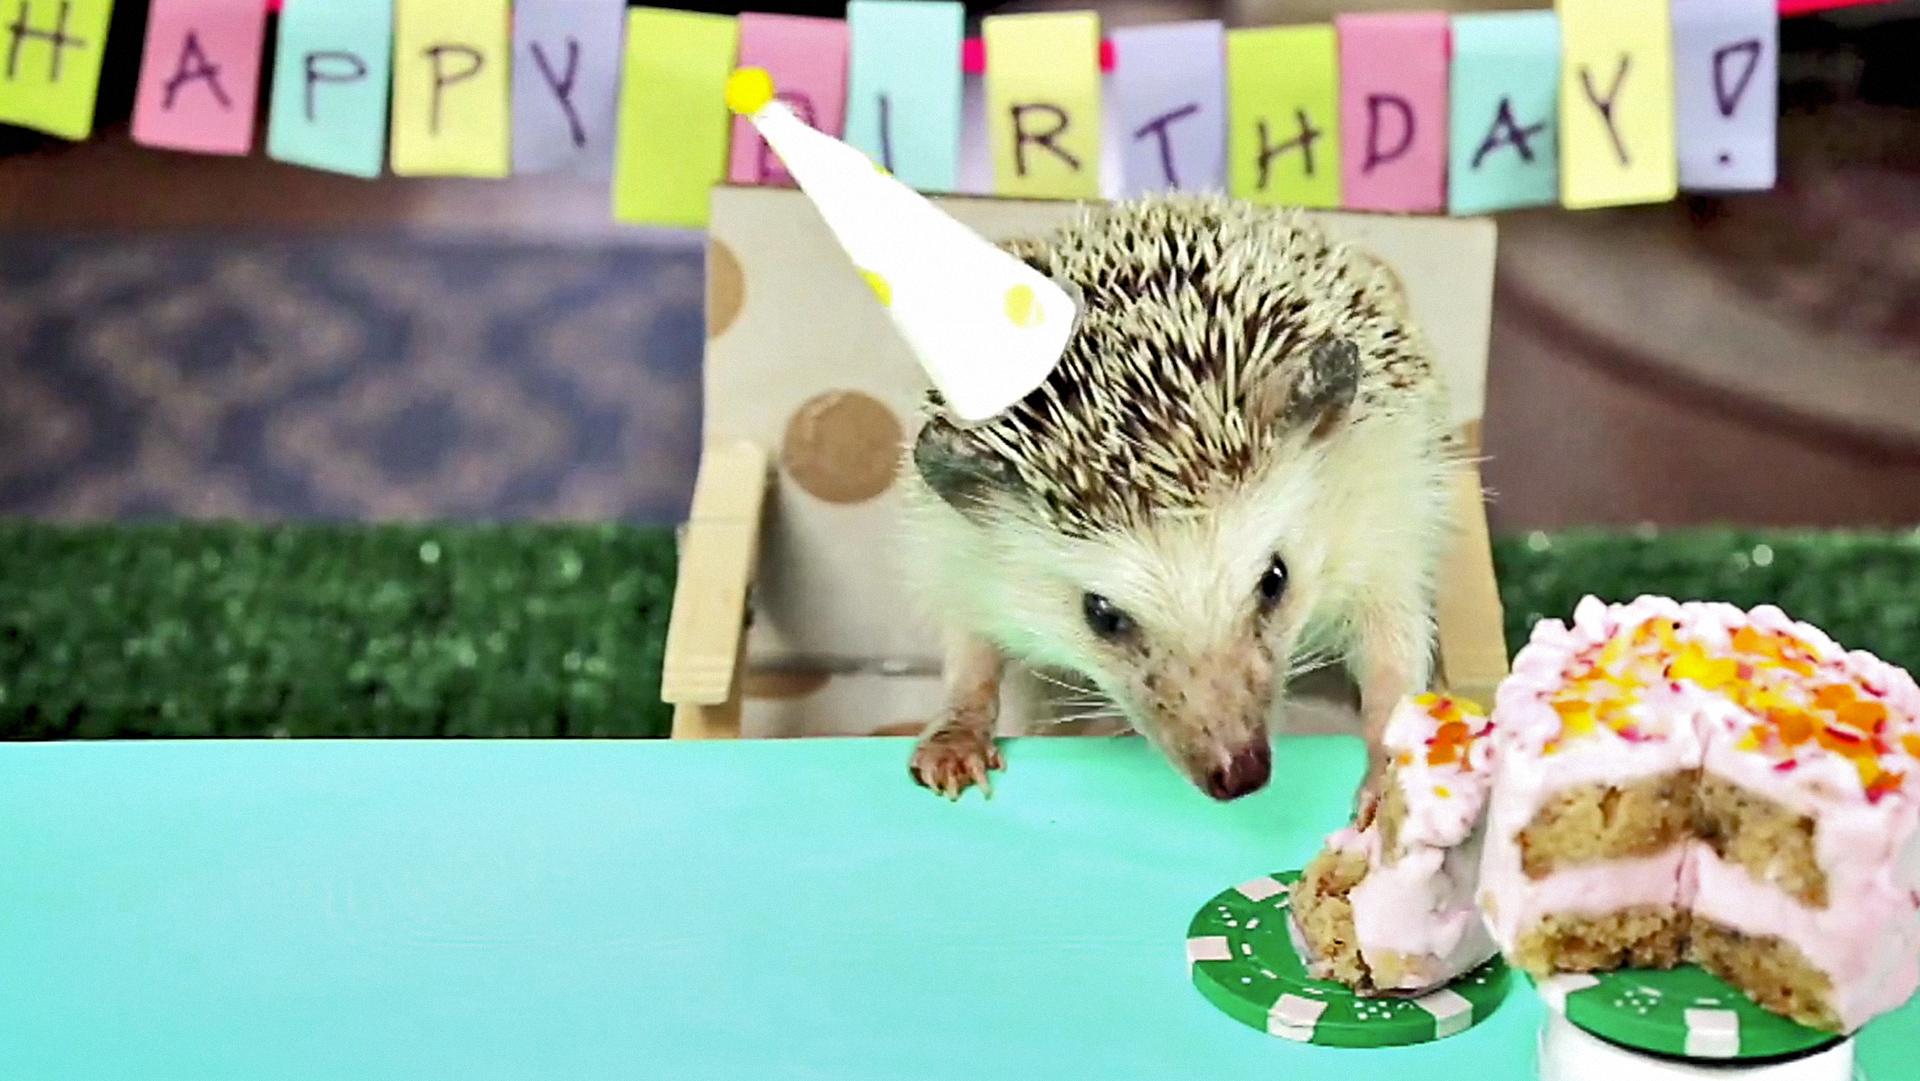 С днем рождения фото ежика, надписью рамиль истеричка